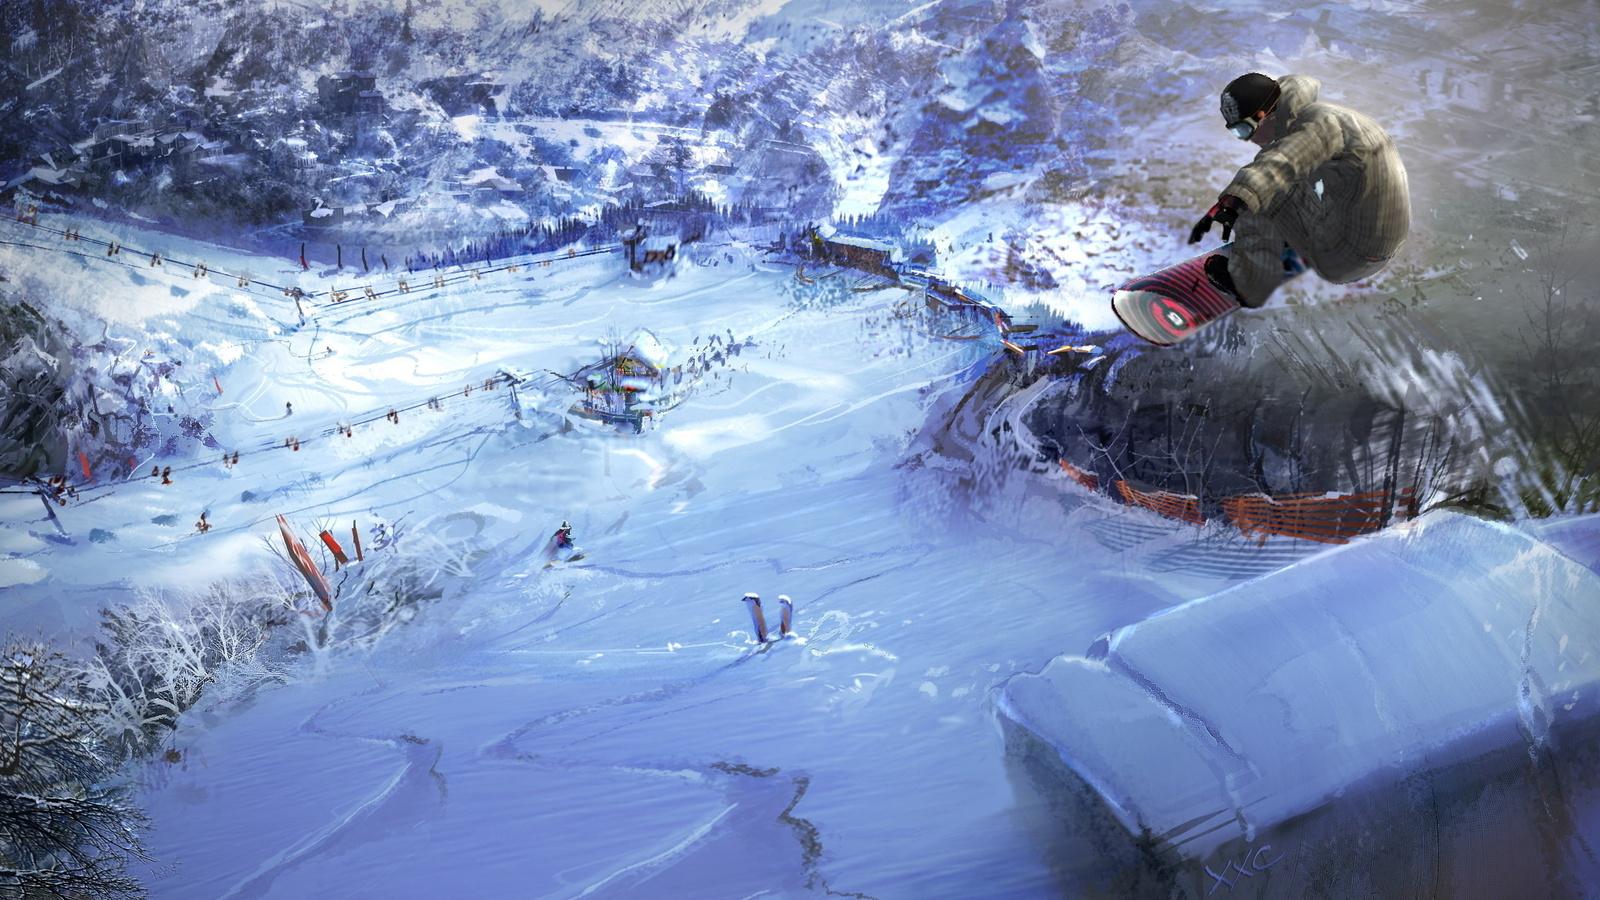 http://3.bp.blogspot.com/-Spfou18V1mk/Tv7bHLP_PHI/AAAAAAAAAIs/shaOoLOUiM4/s1600/amazing-snowboarding-wallpaper-HD-1600x900.jpg